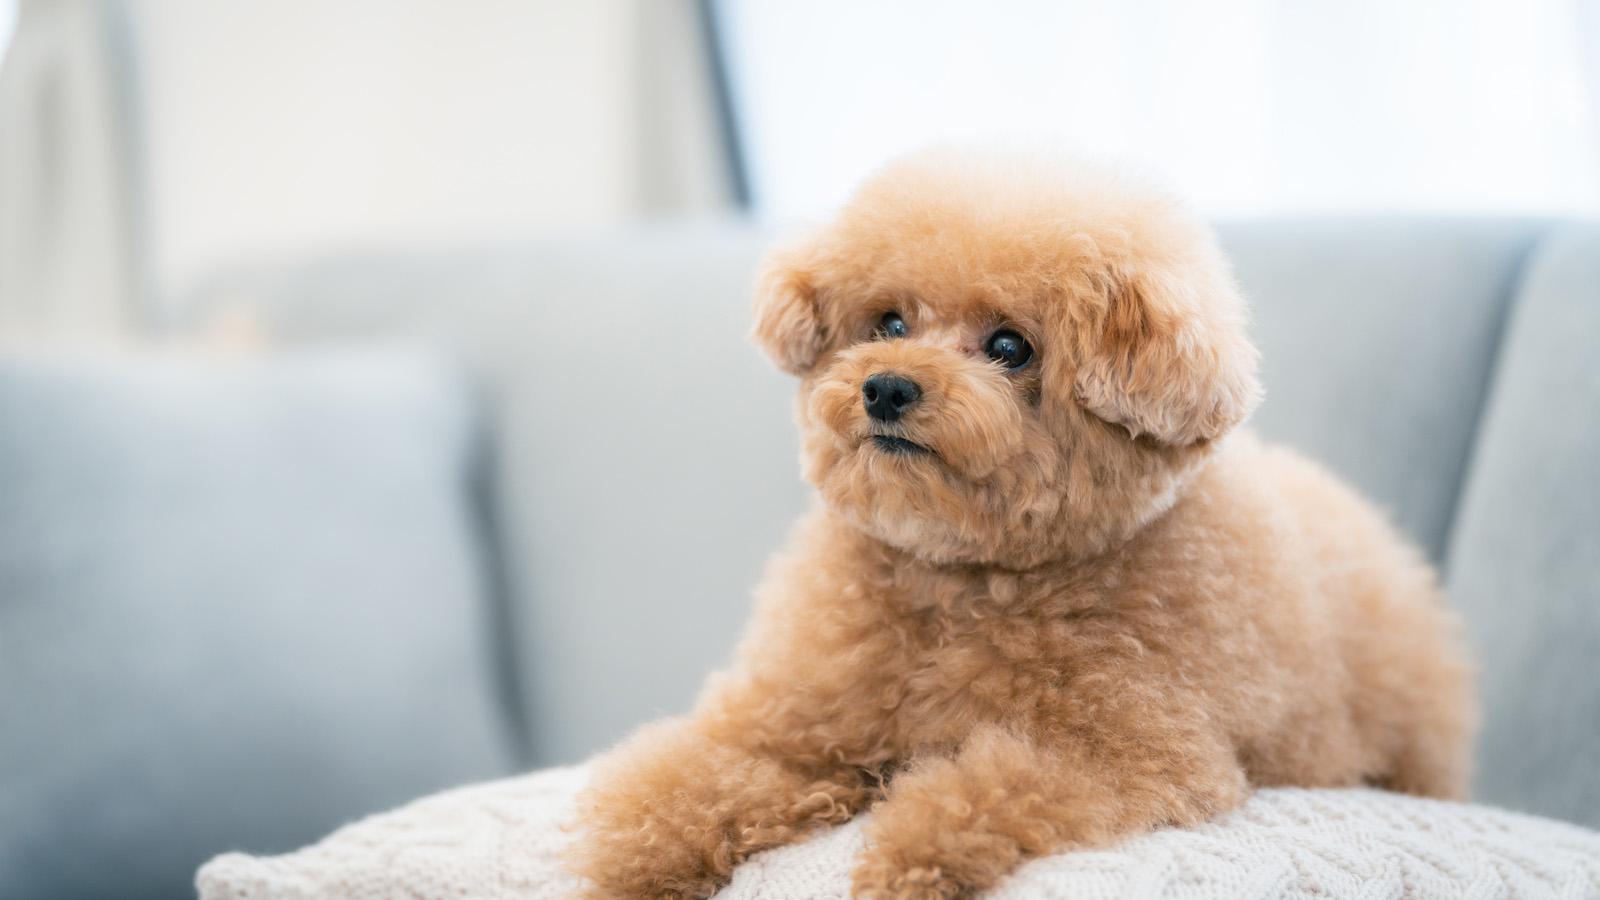 【Hugo】terms(カテゴリ一覧)のjsonが作成できない